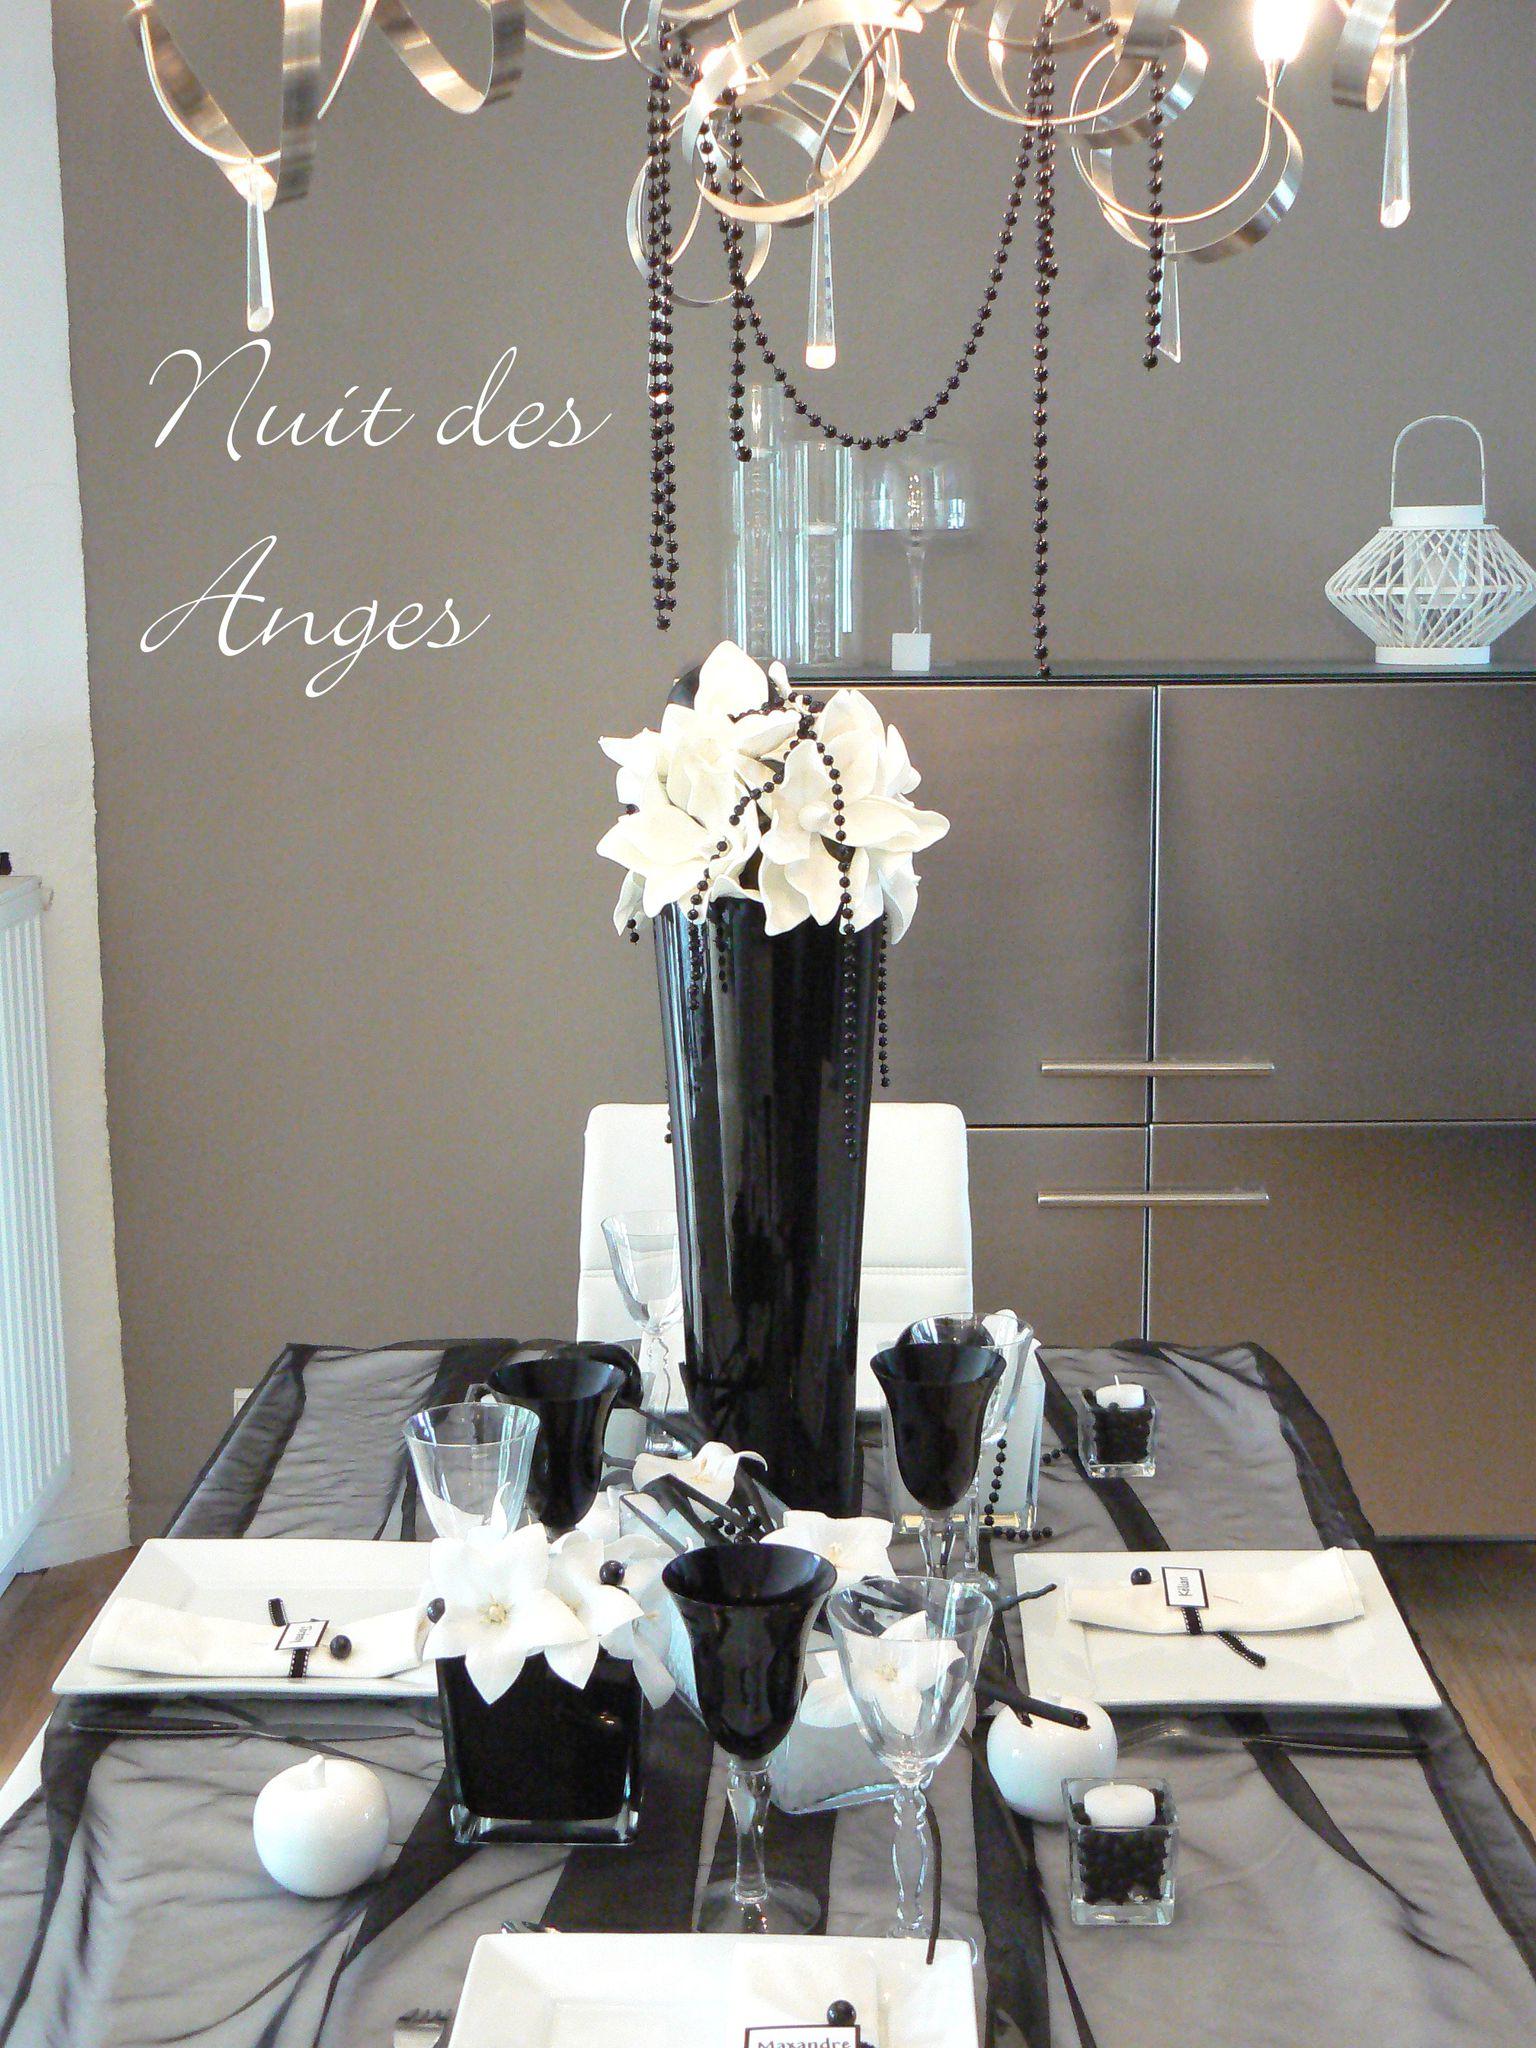 Nuit des anges d coratrice de mariage d coratiojn de table for Decoration noir et blanc